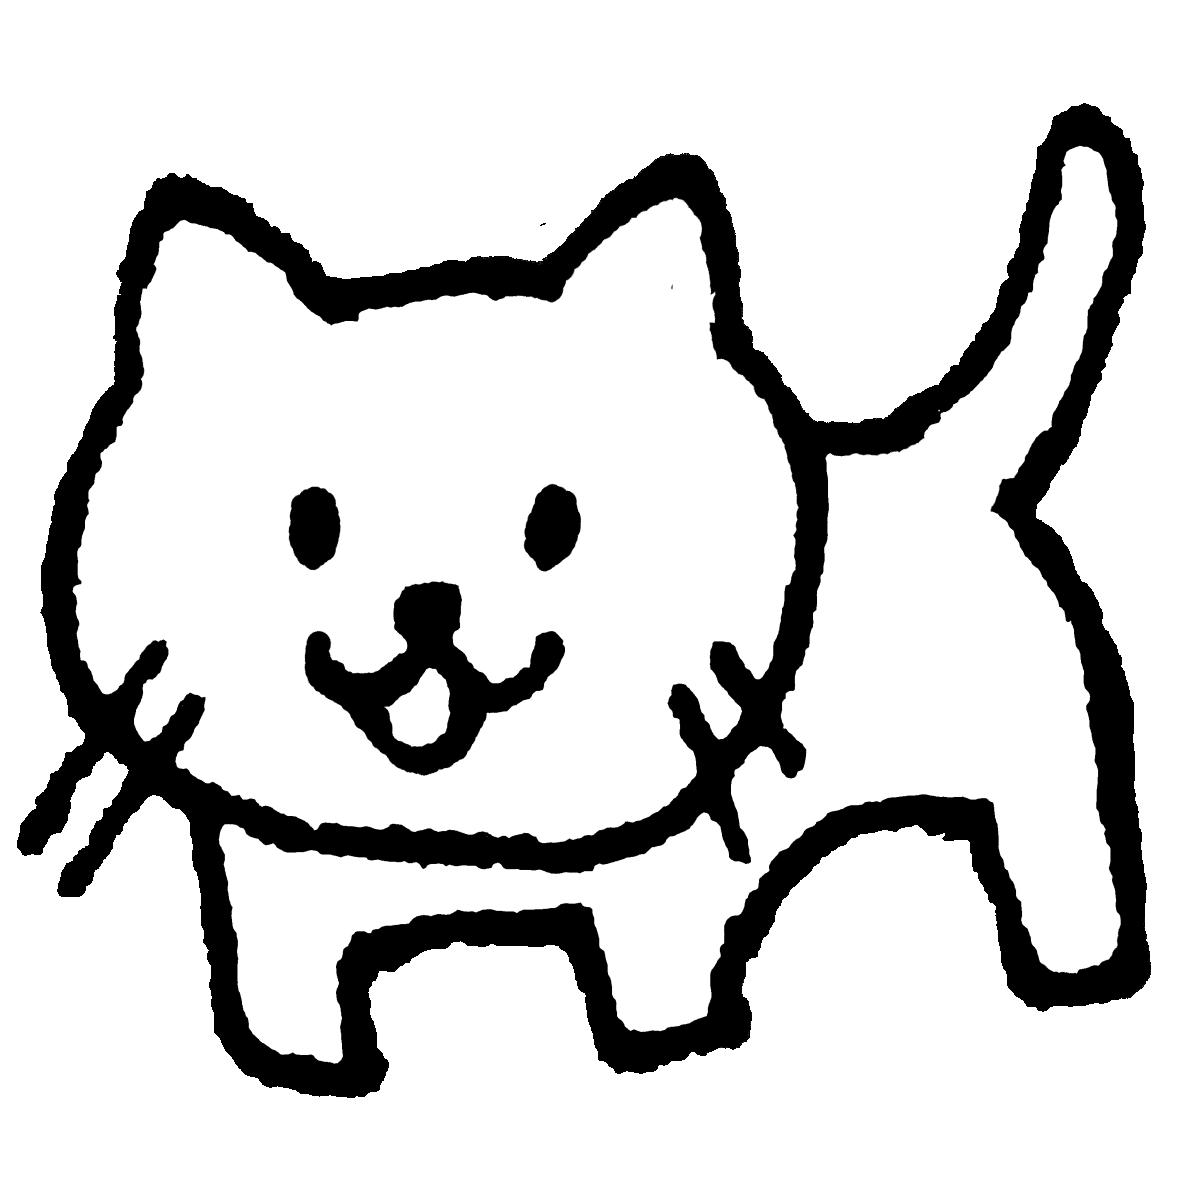 立つ猫のイラスト / Standing cat Illustration